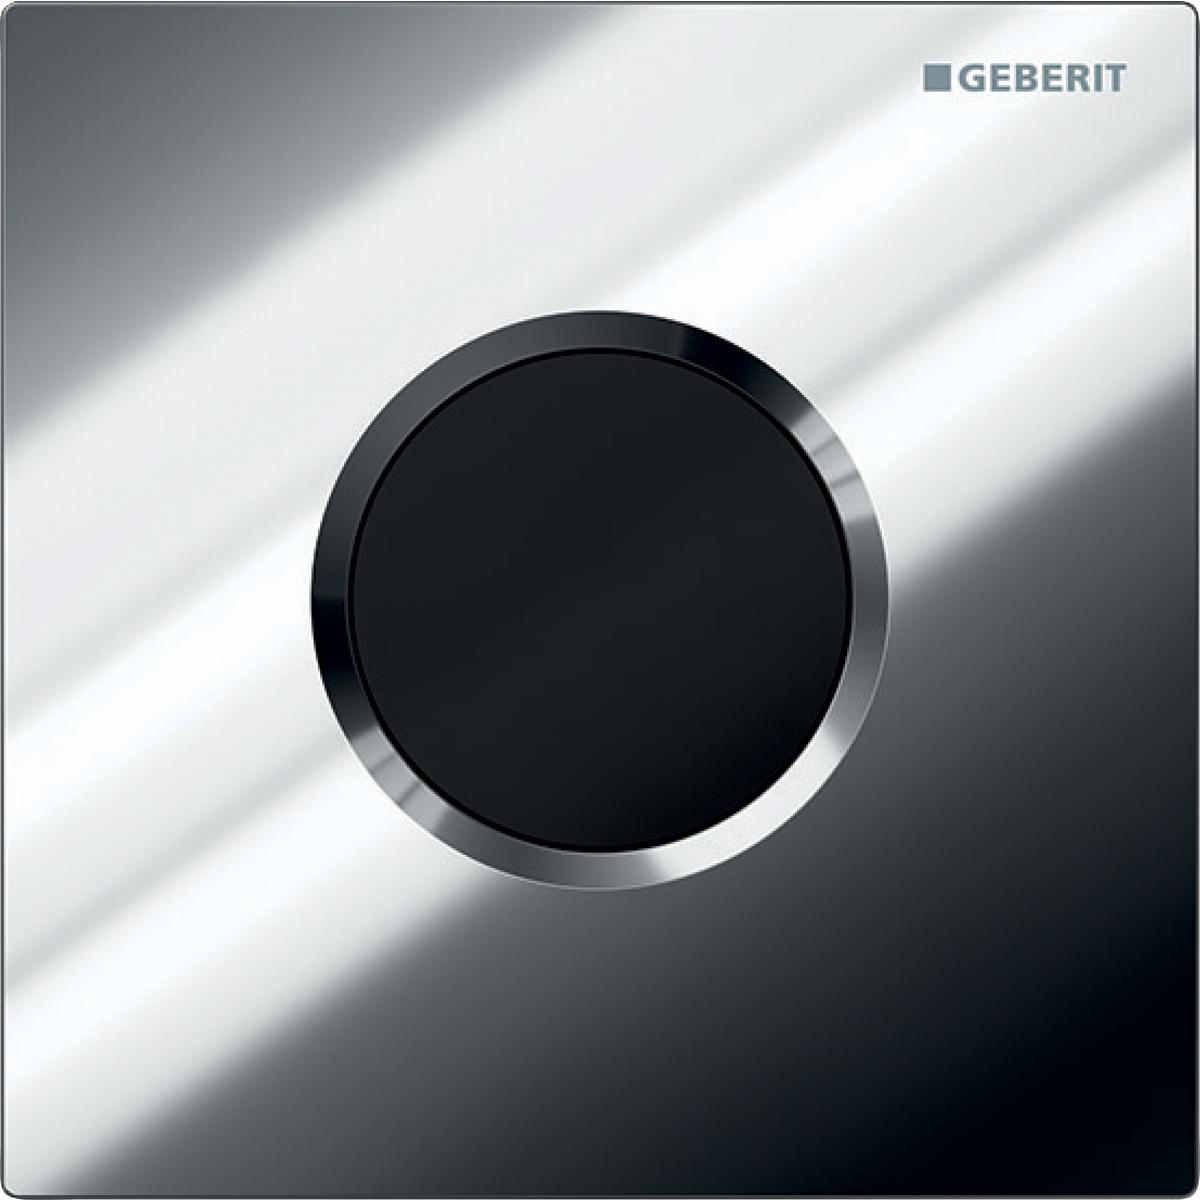 купить GEBERIT Sigma 01 116.021.21.5  (130x130мм)